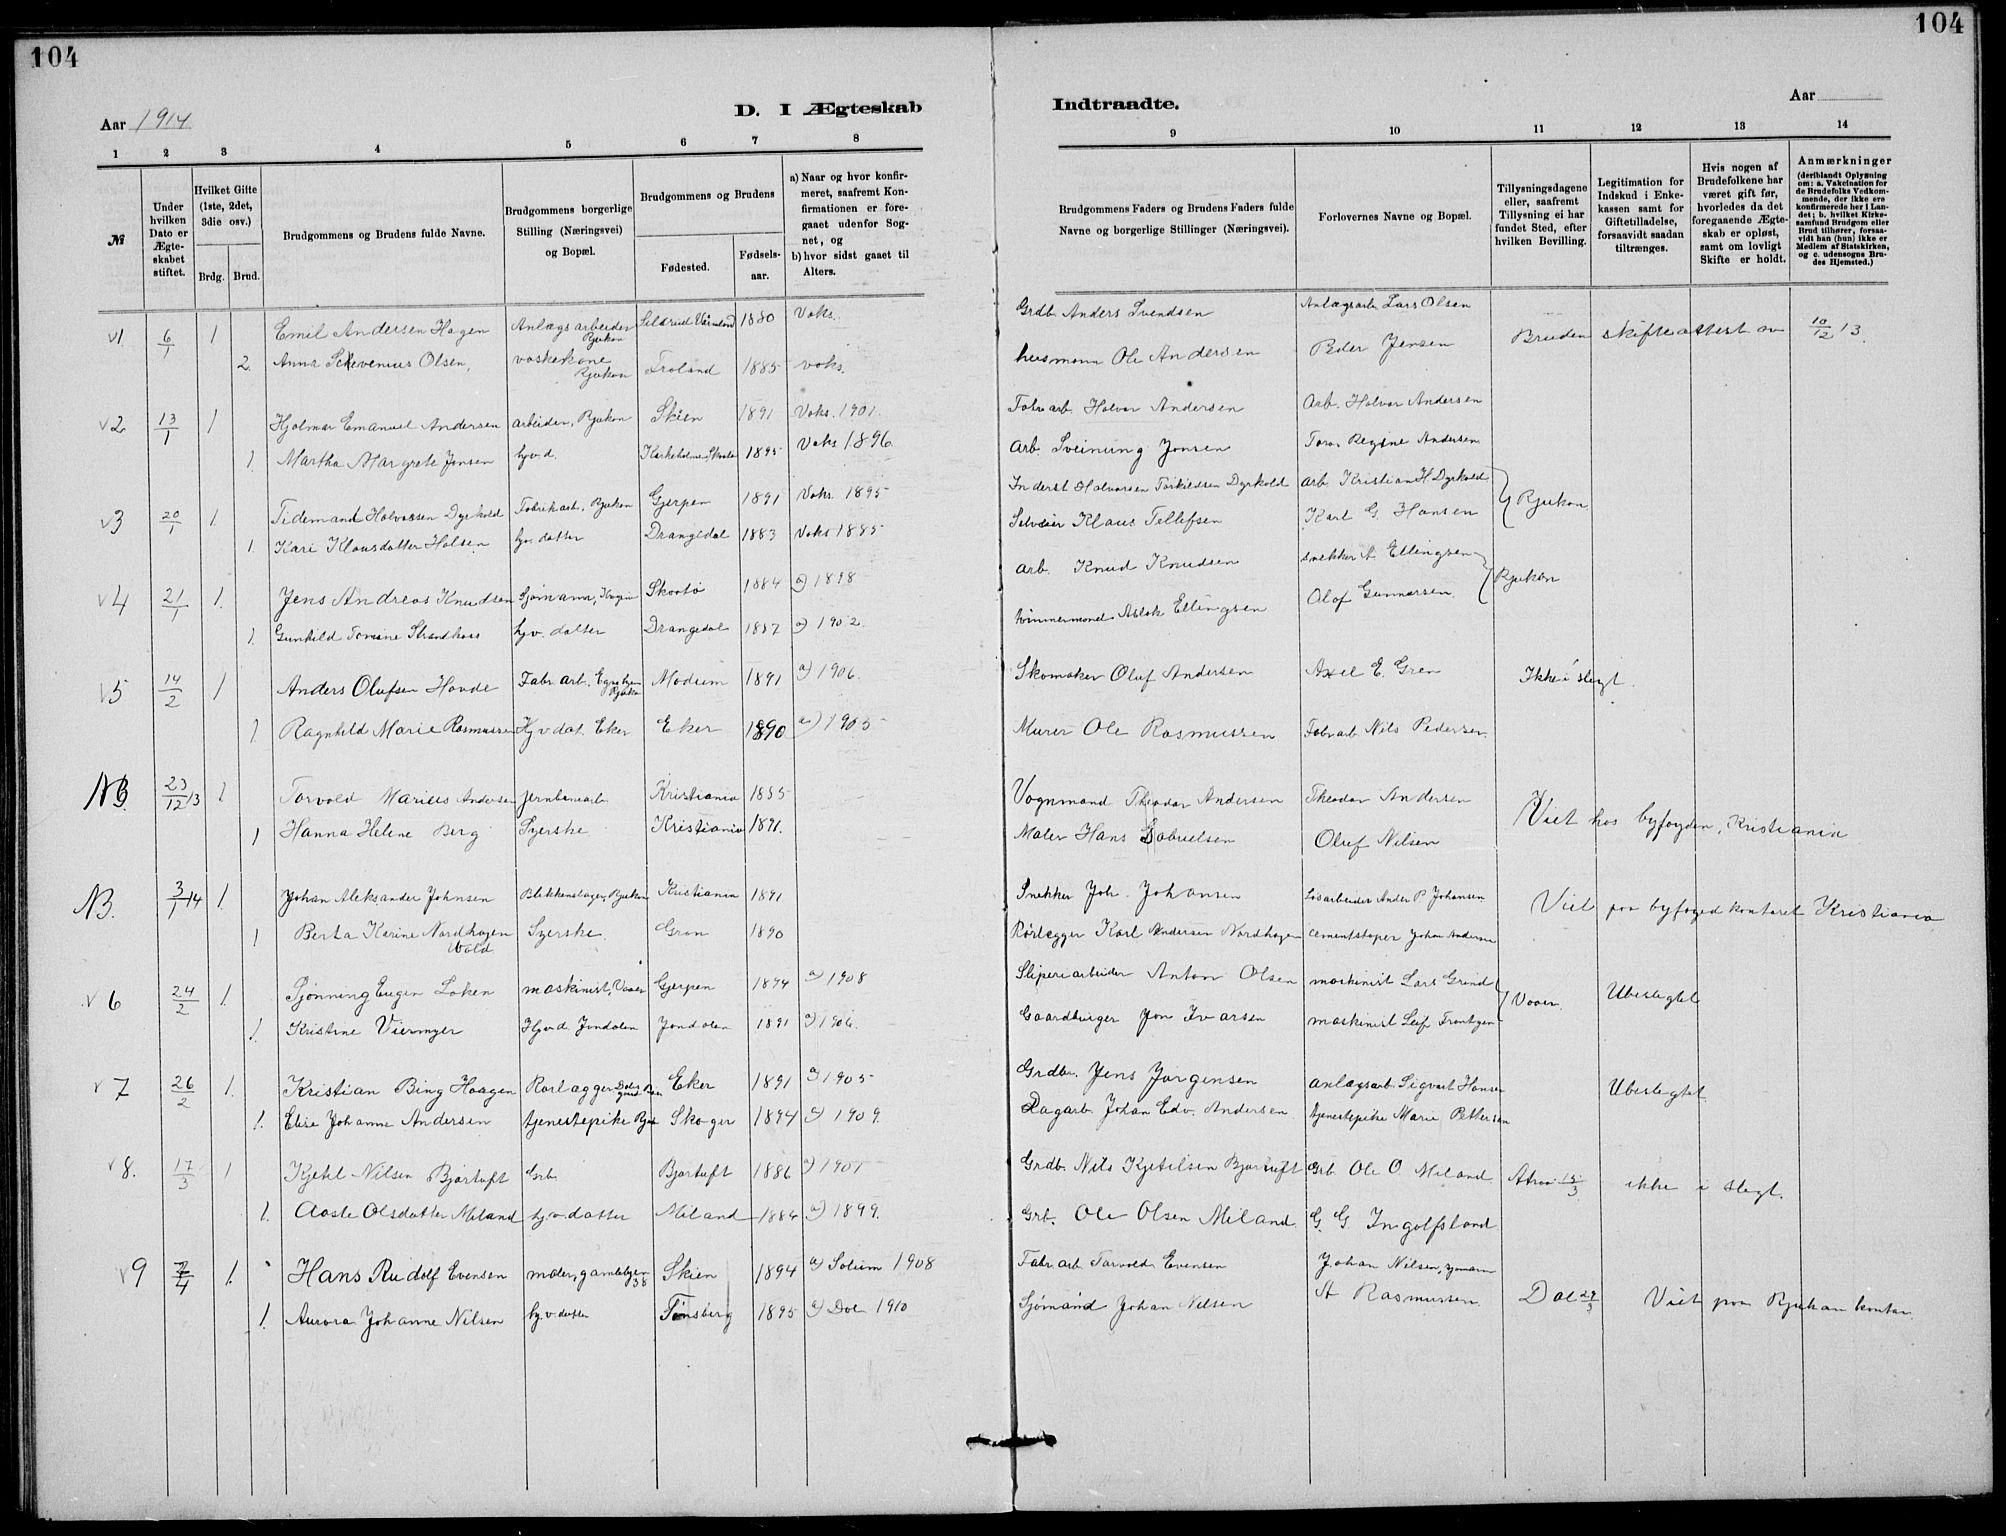 SAKO, Rjukan kirkebøker, G/Ga/L0001: Klokkerbok nr. 1, 1880-1914, s. 104